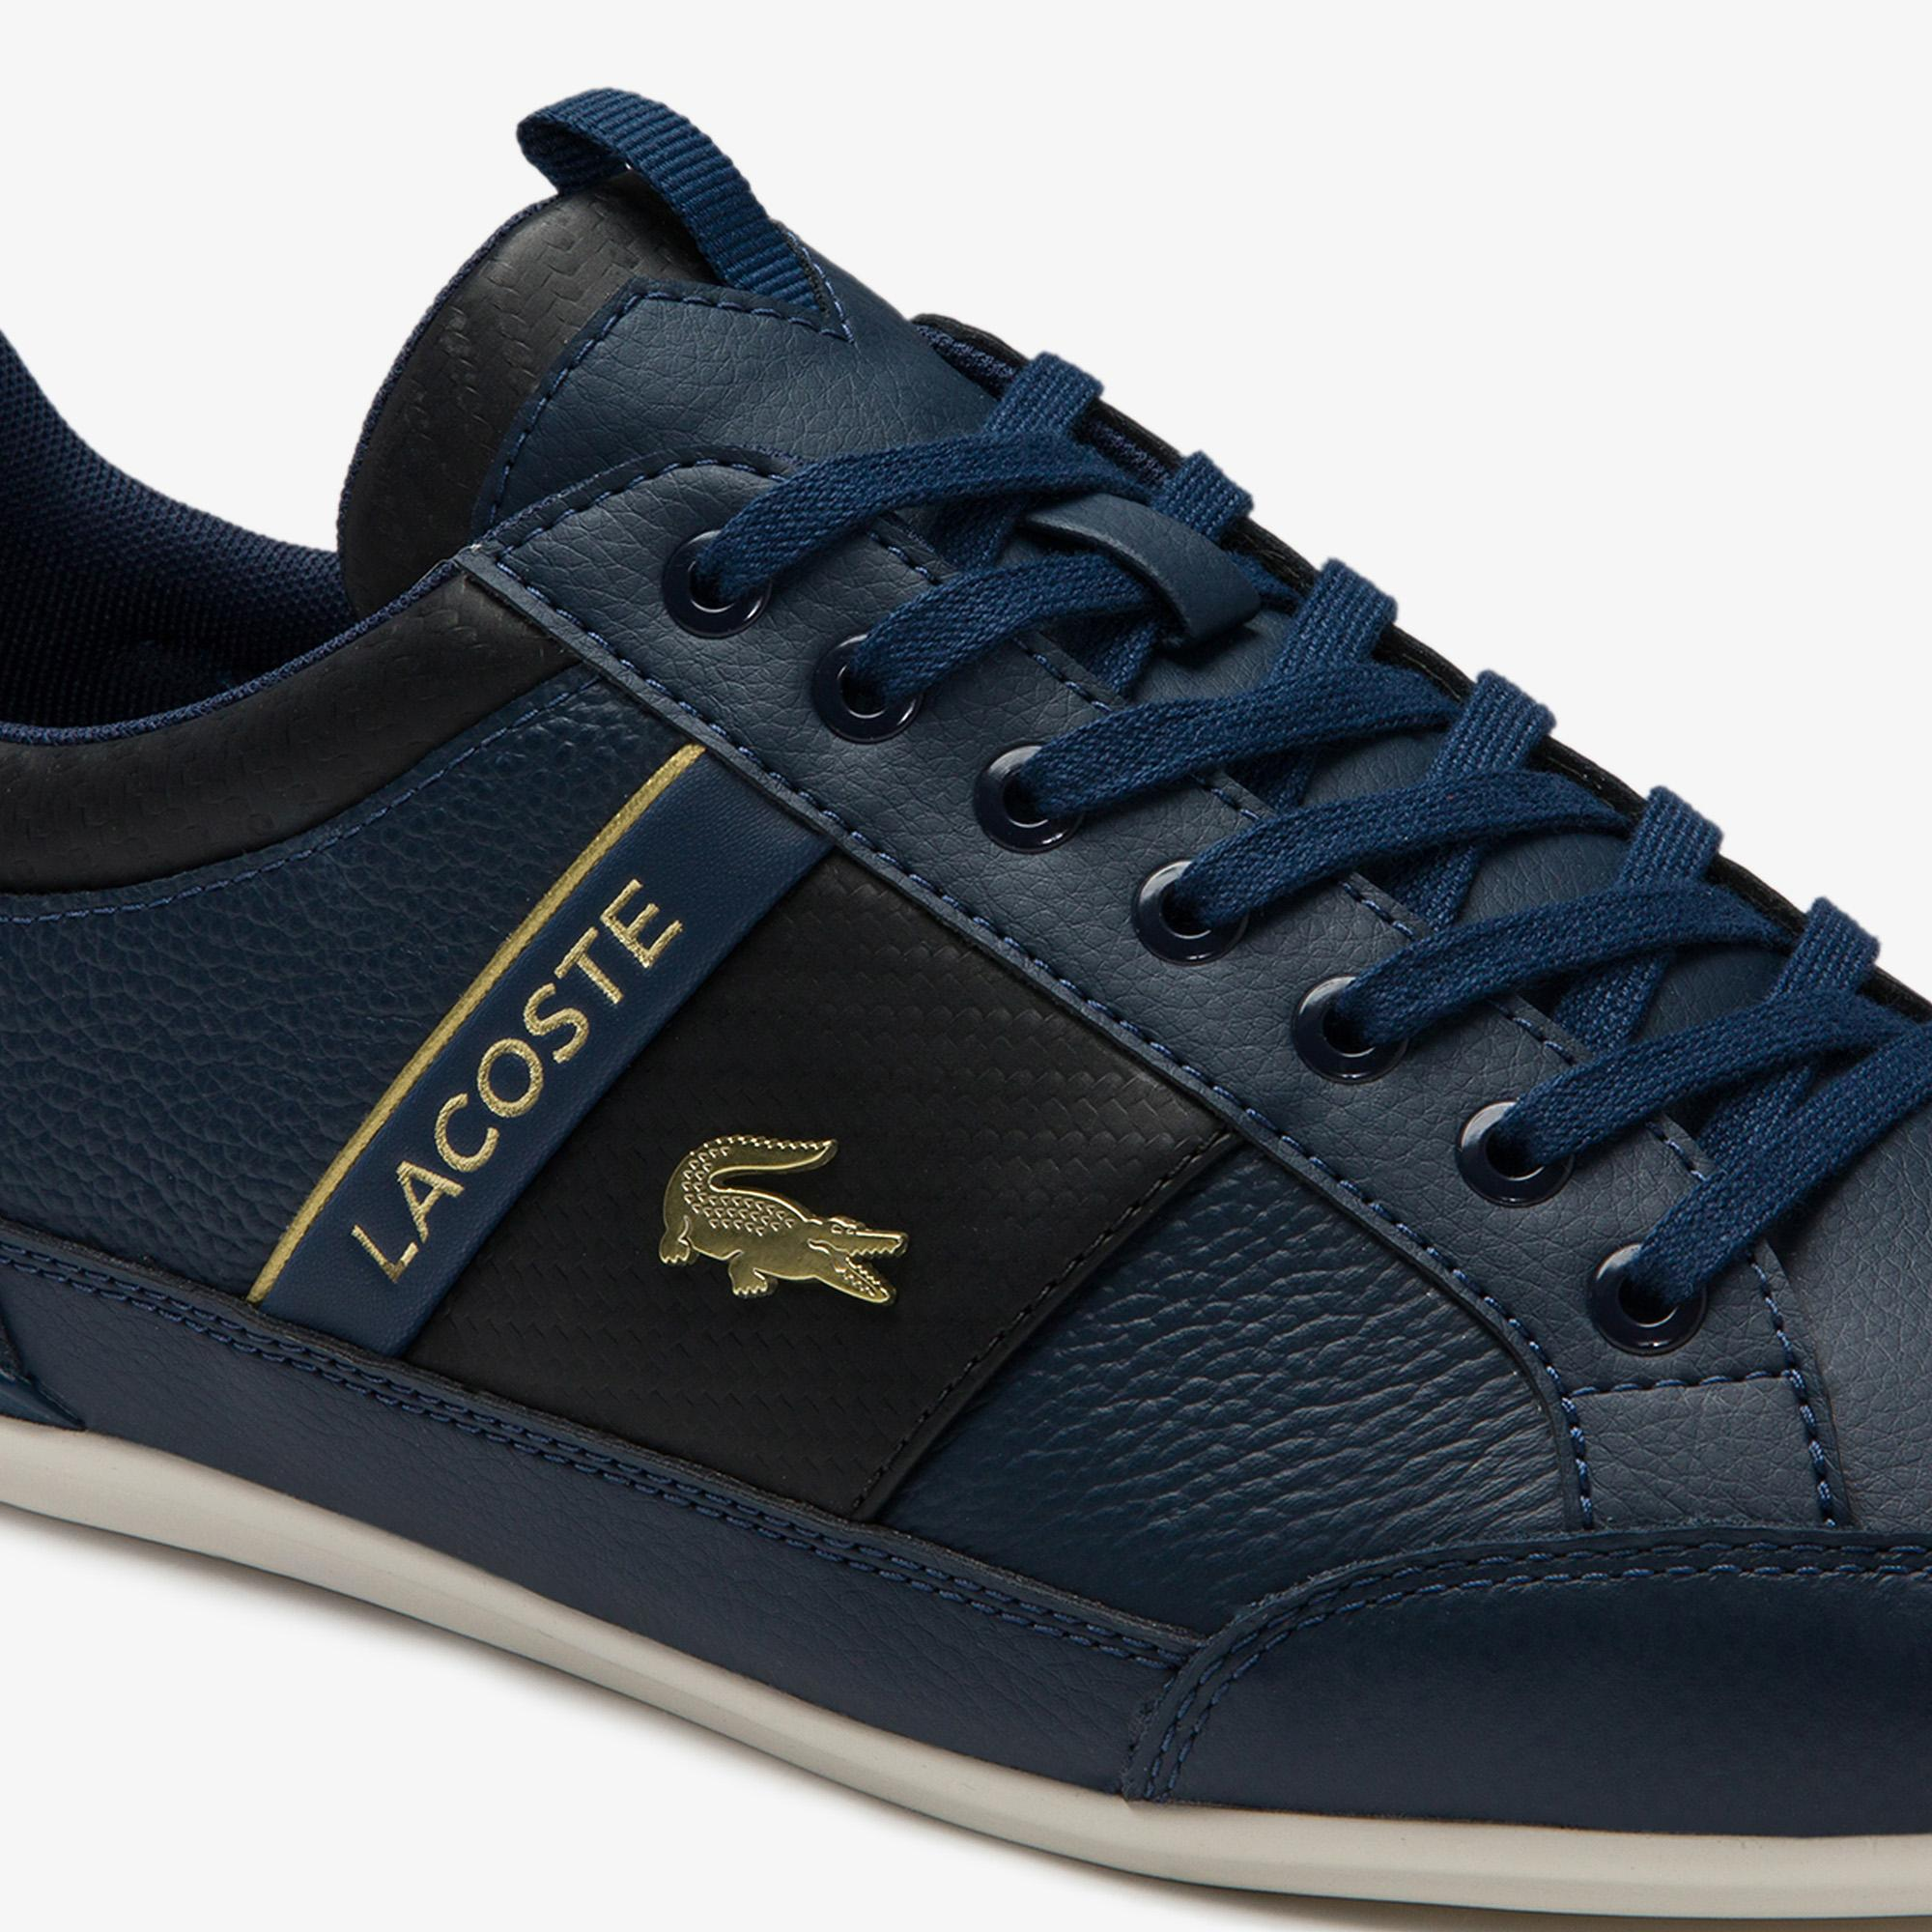 Lacoste Chaymon 0120 1 Cma Erkek Deri Lacivert - Siyah Casual Ayakkabı